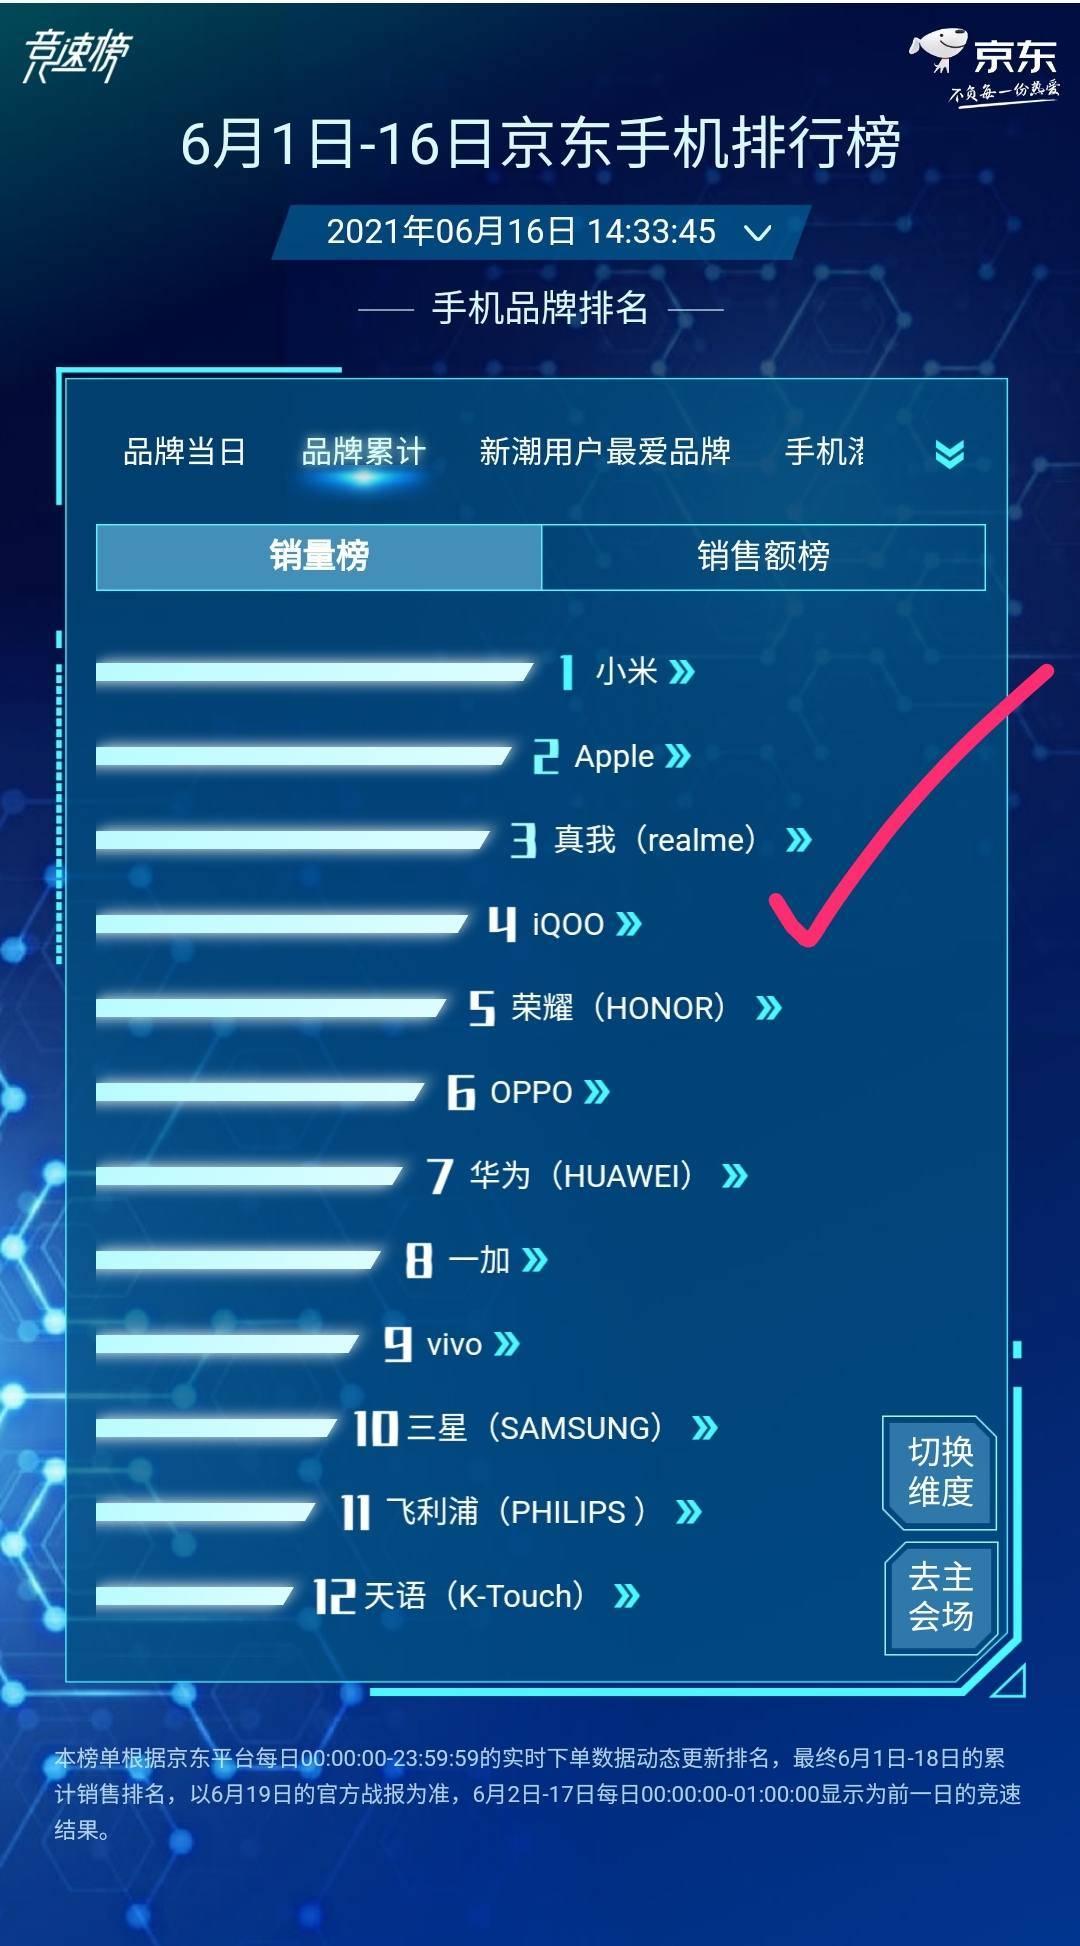 一鸣惊人!这家中国手机厂商突然跃居TOP2,打了一个措手不及